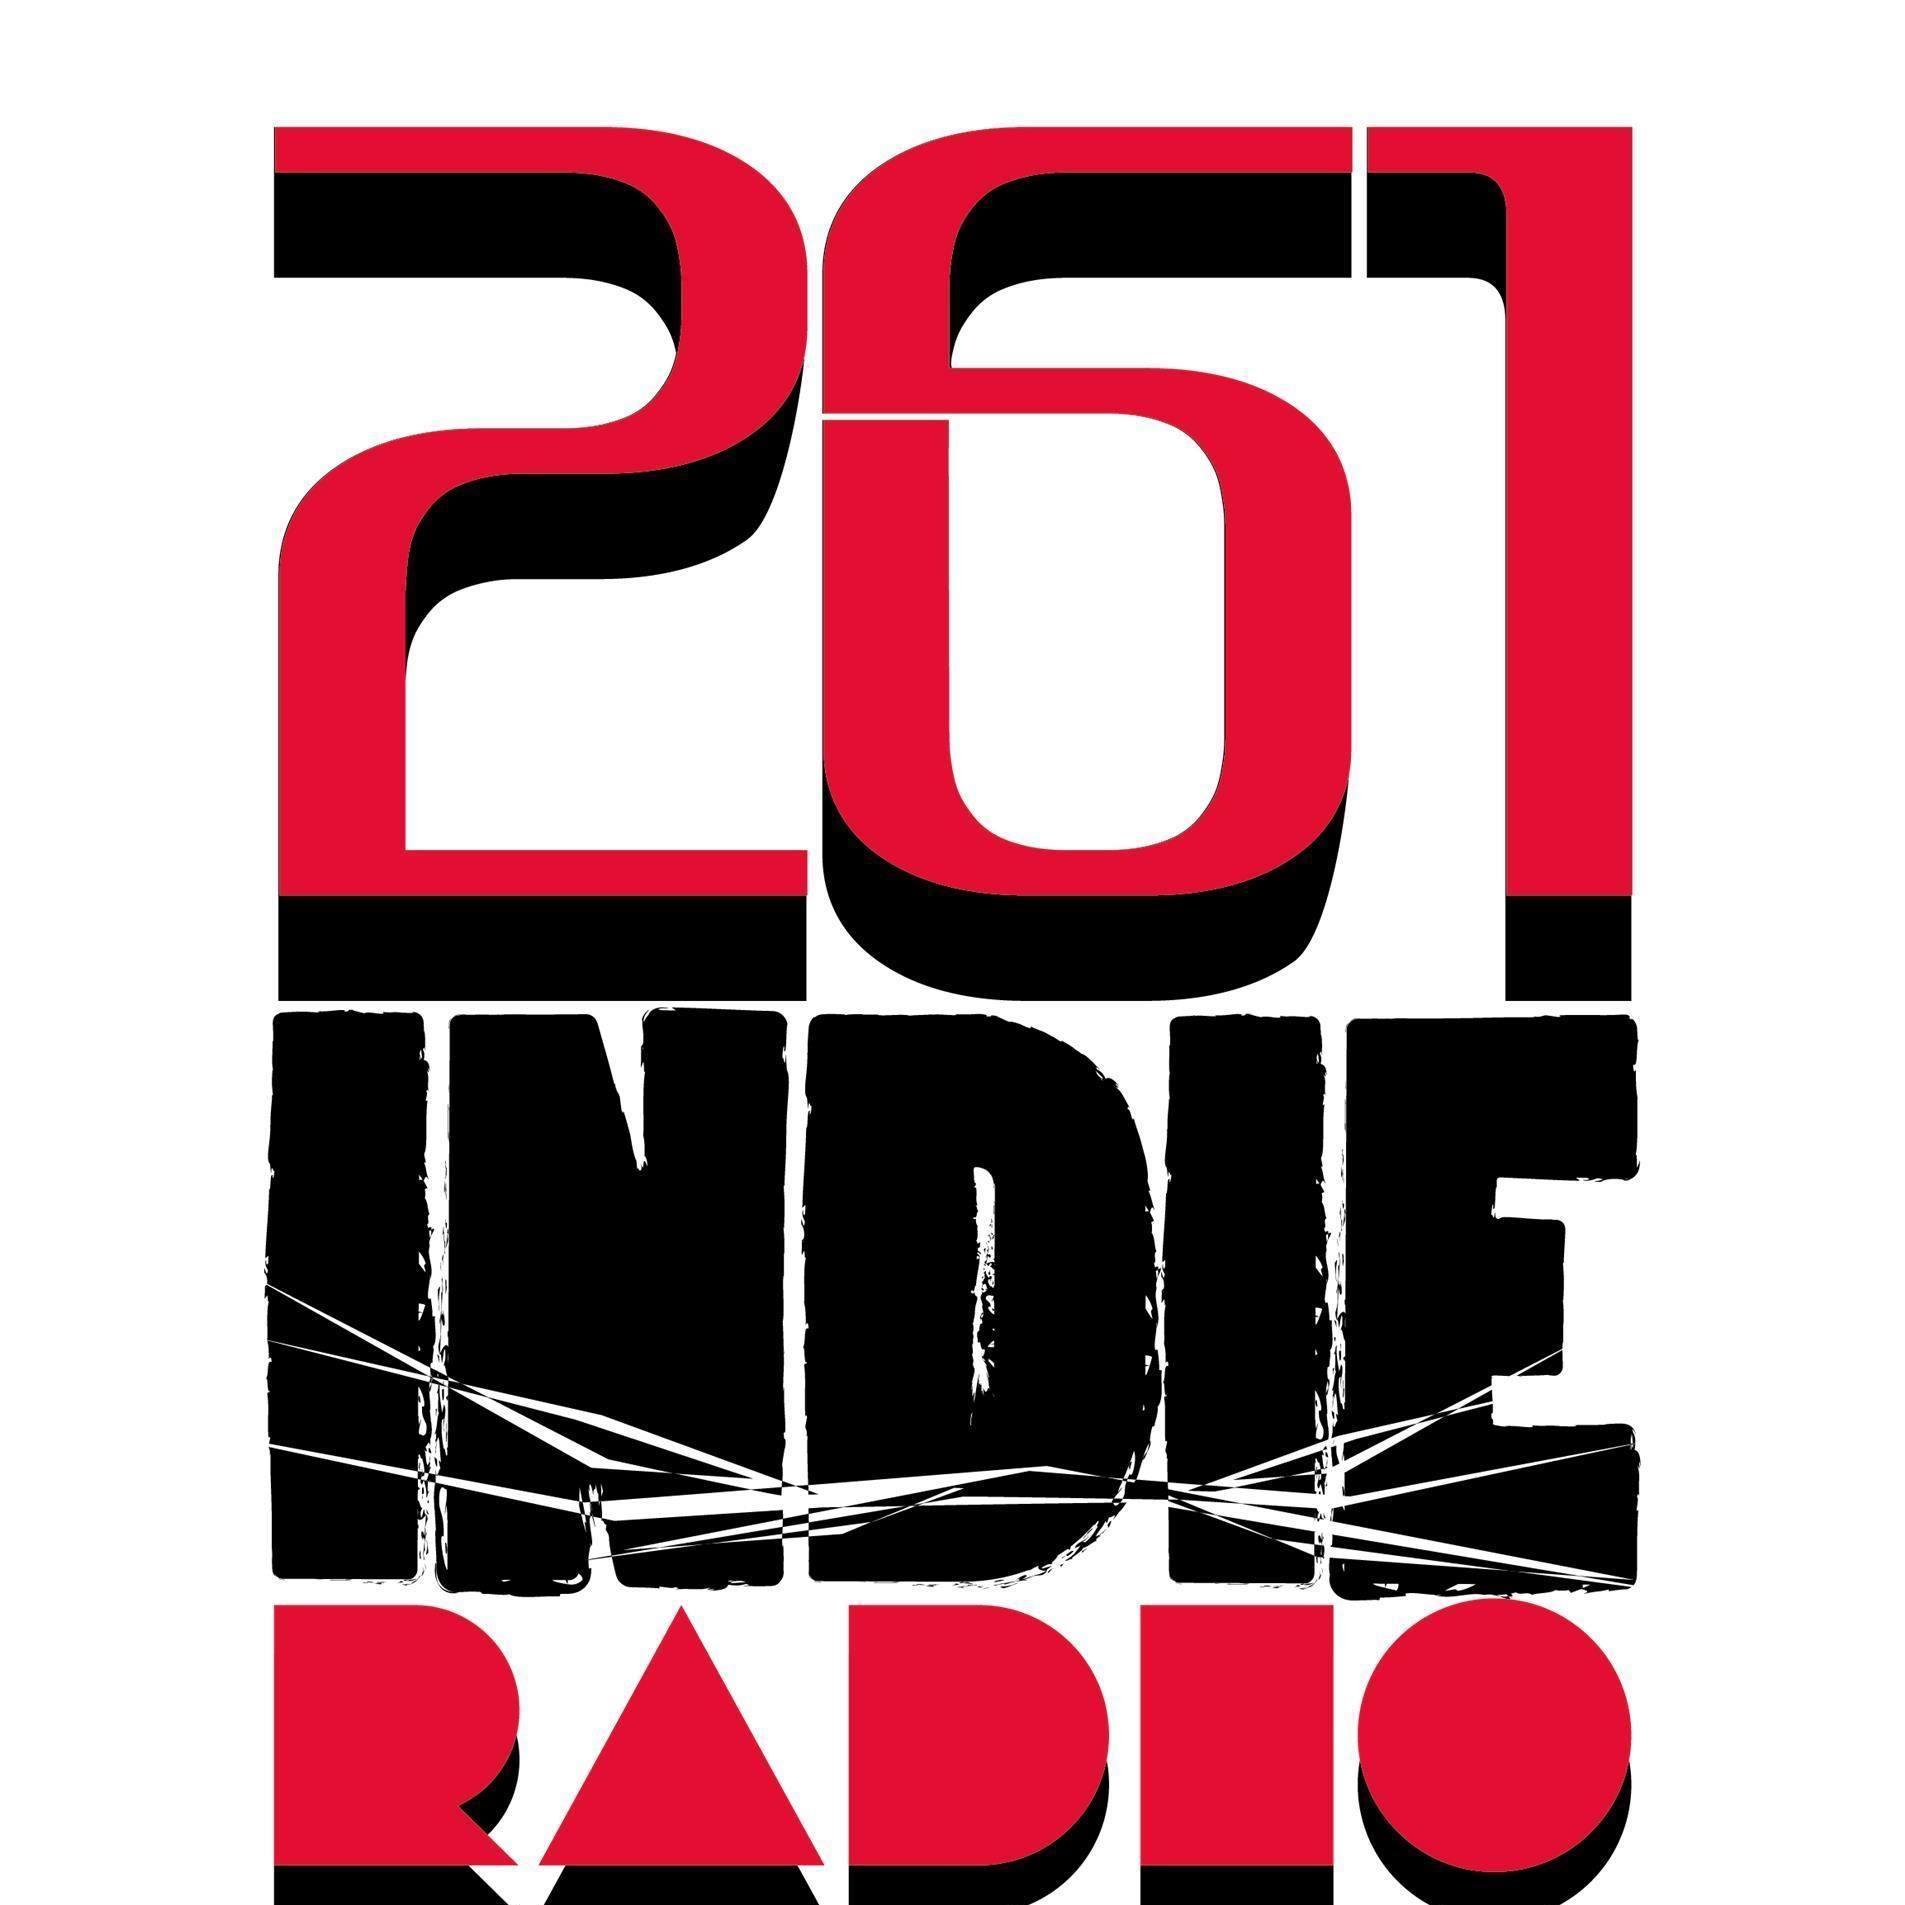 261 indie radio